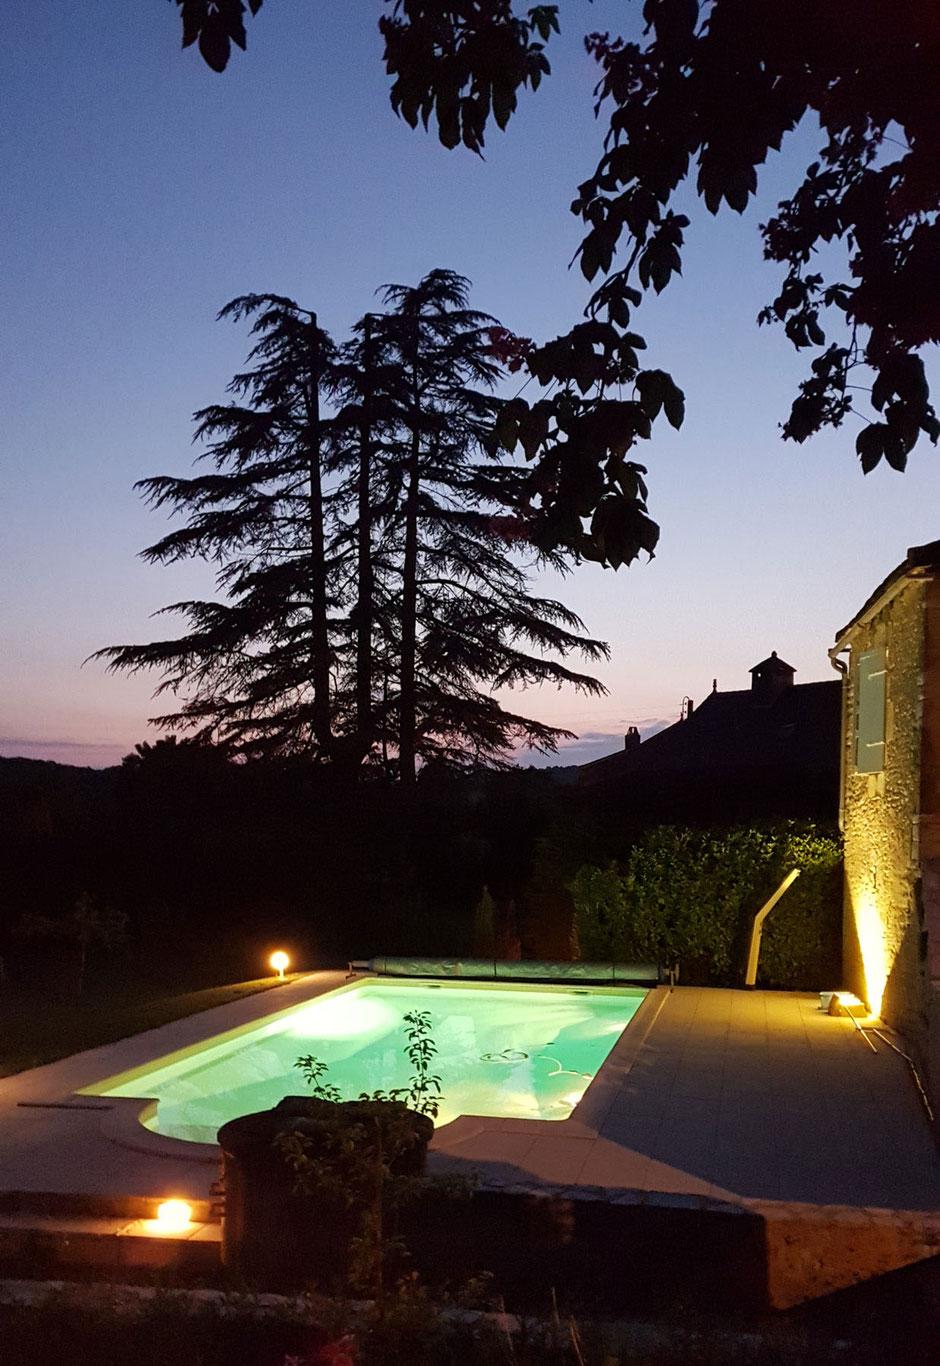 Domaine de Vielcastel, votre location saisonnière pour vos vacances en famille avec une piscine privée sécurisée